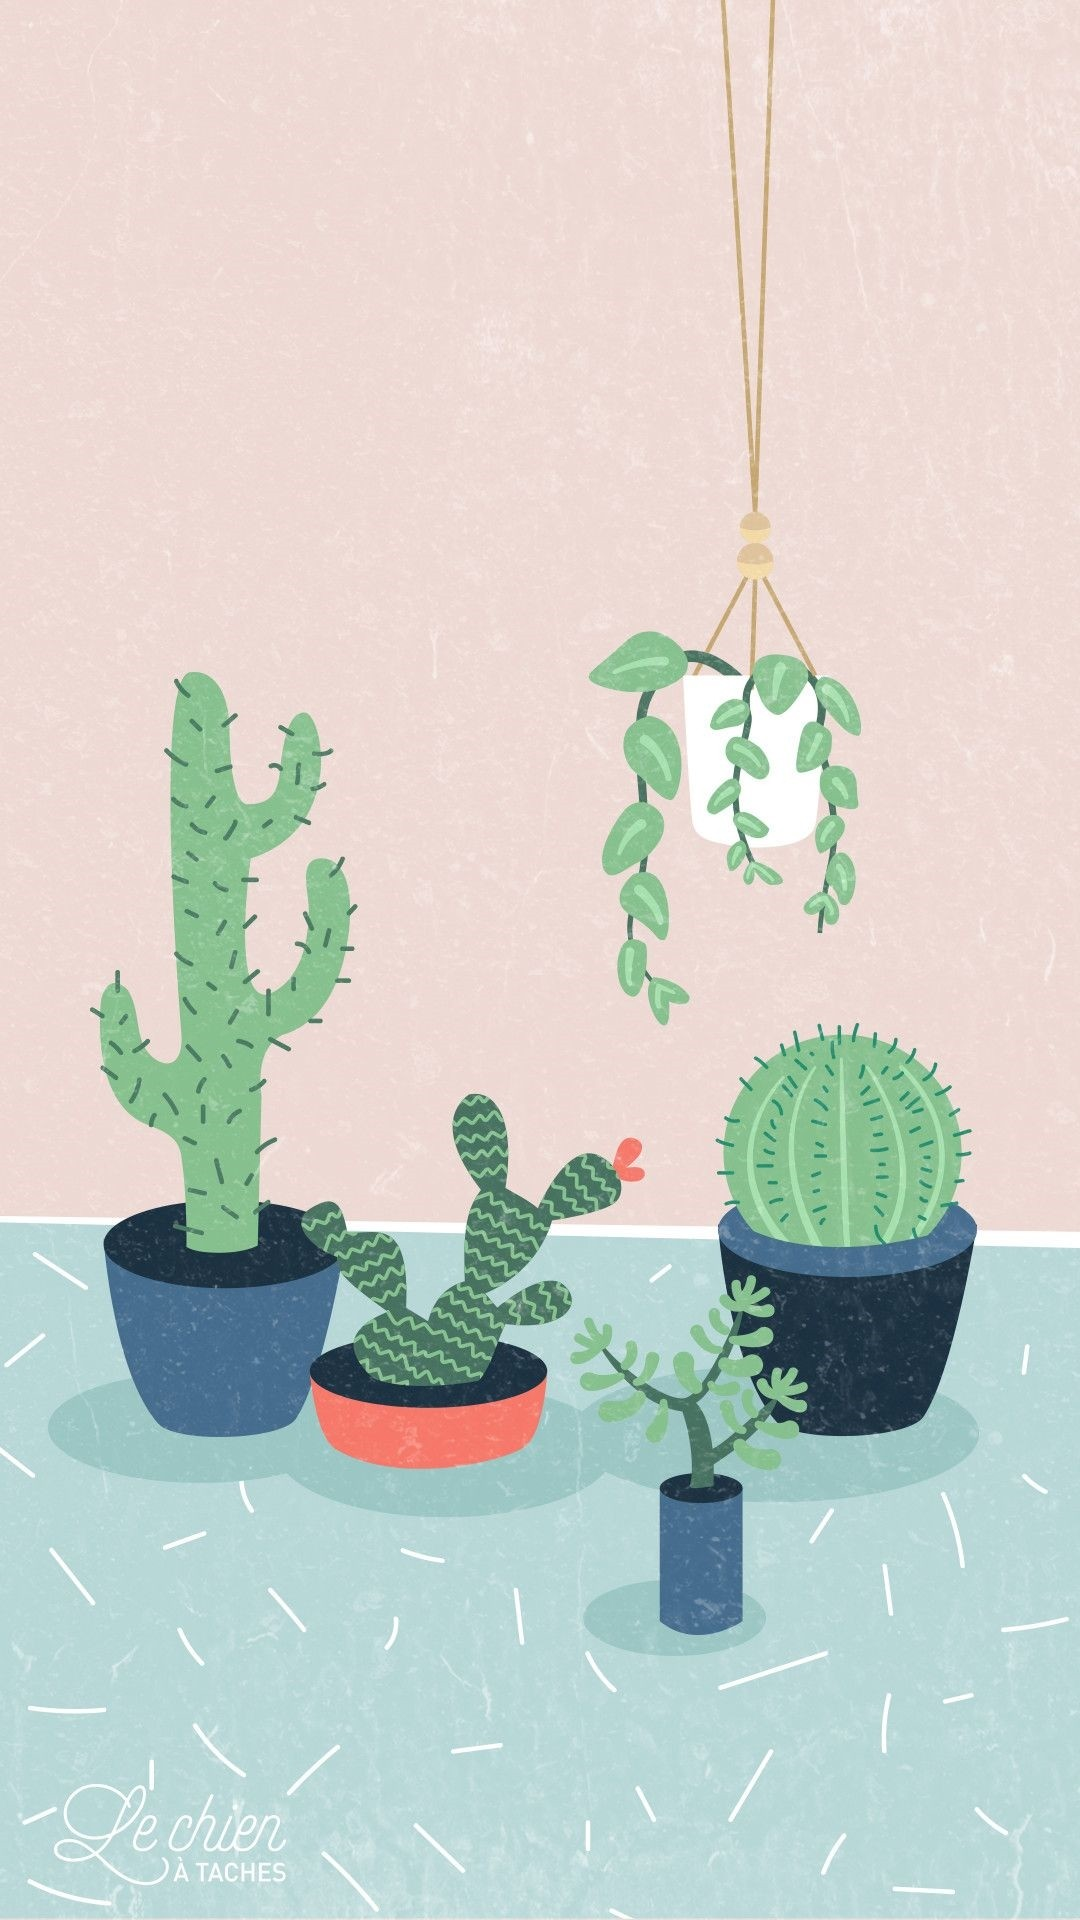 Cactus phone wallpaper hd